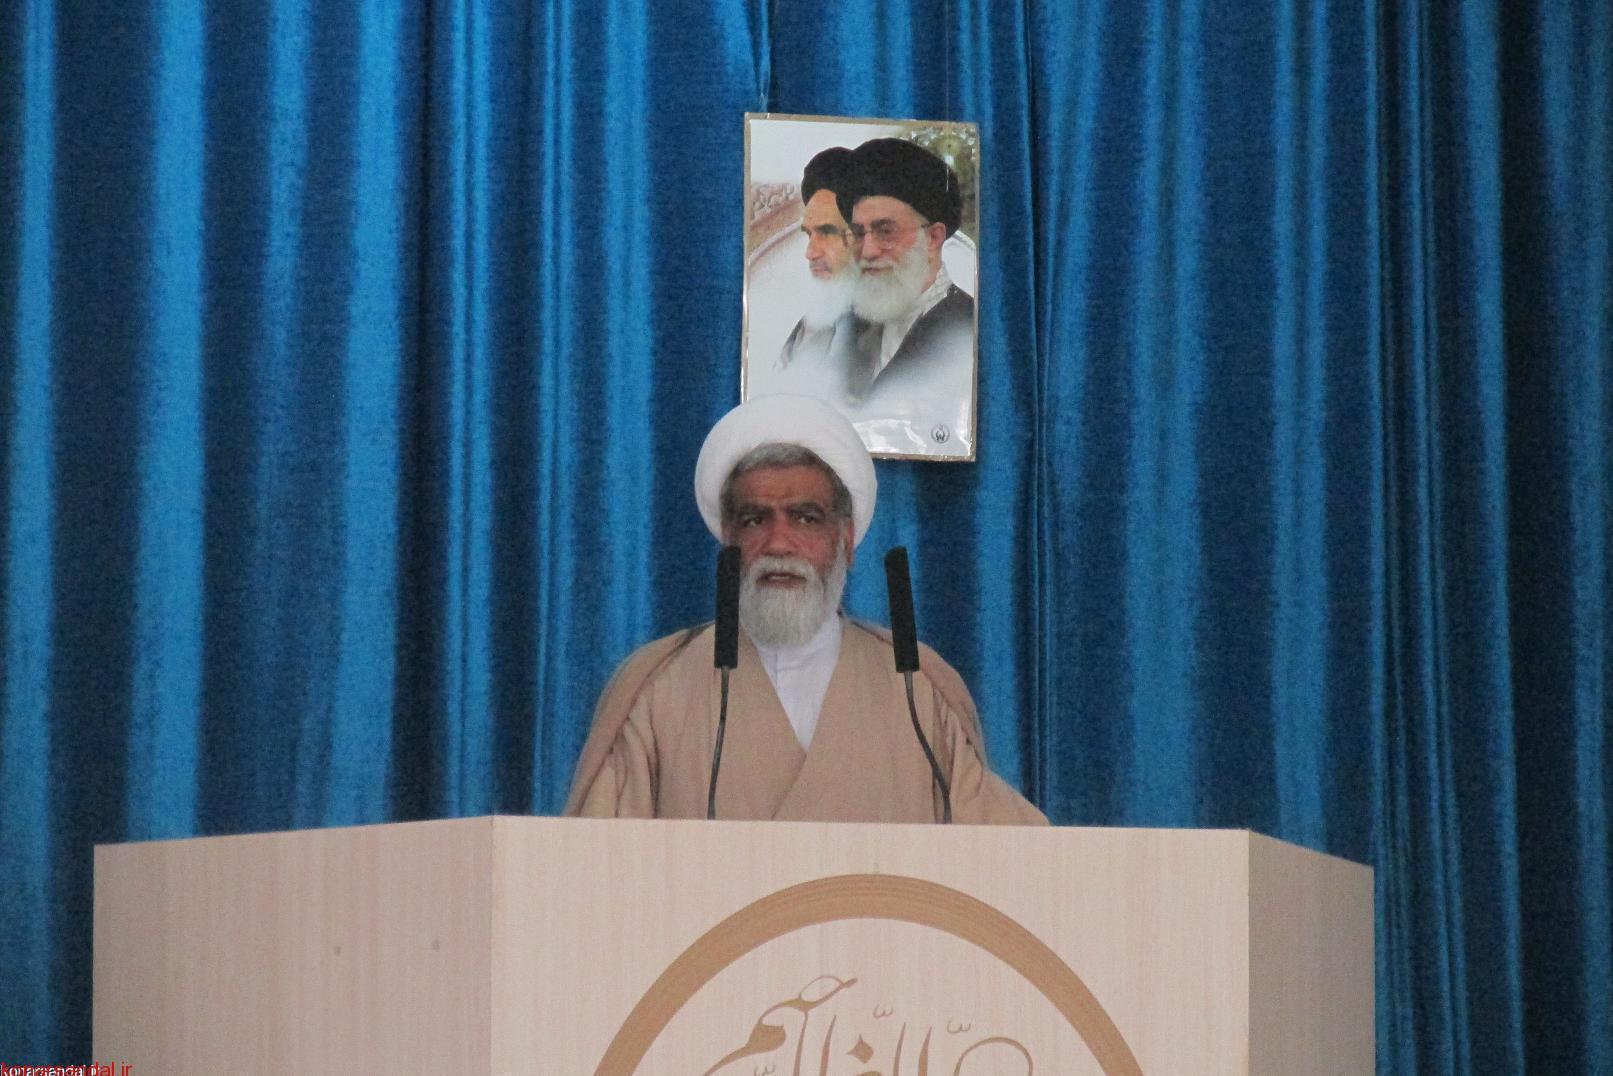 نماز جمعه این هفته جیرفت به روایت تصاویر